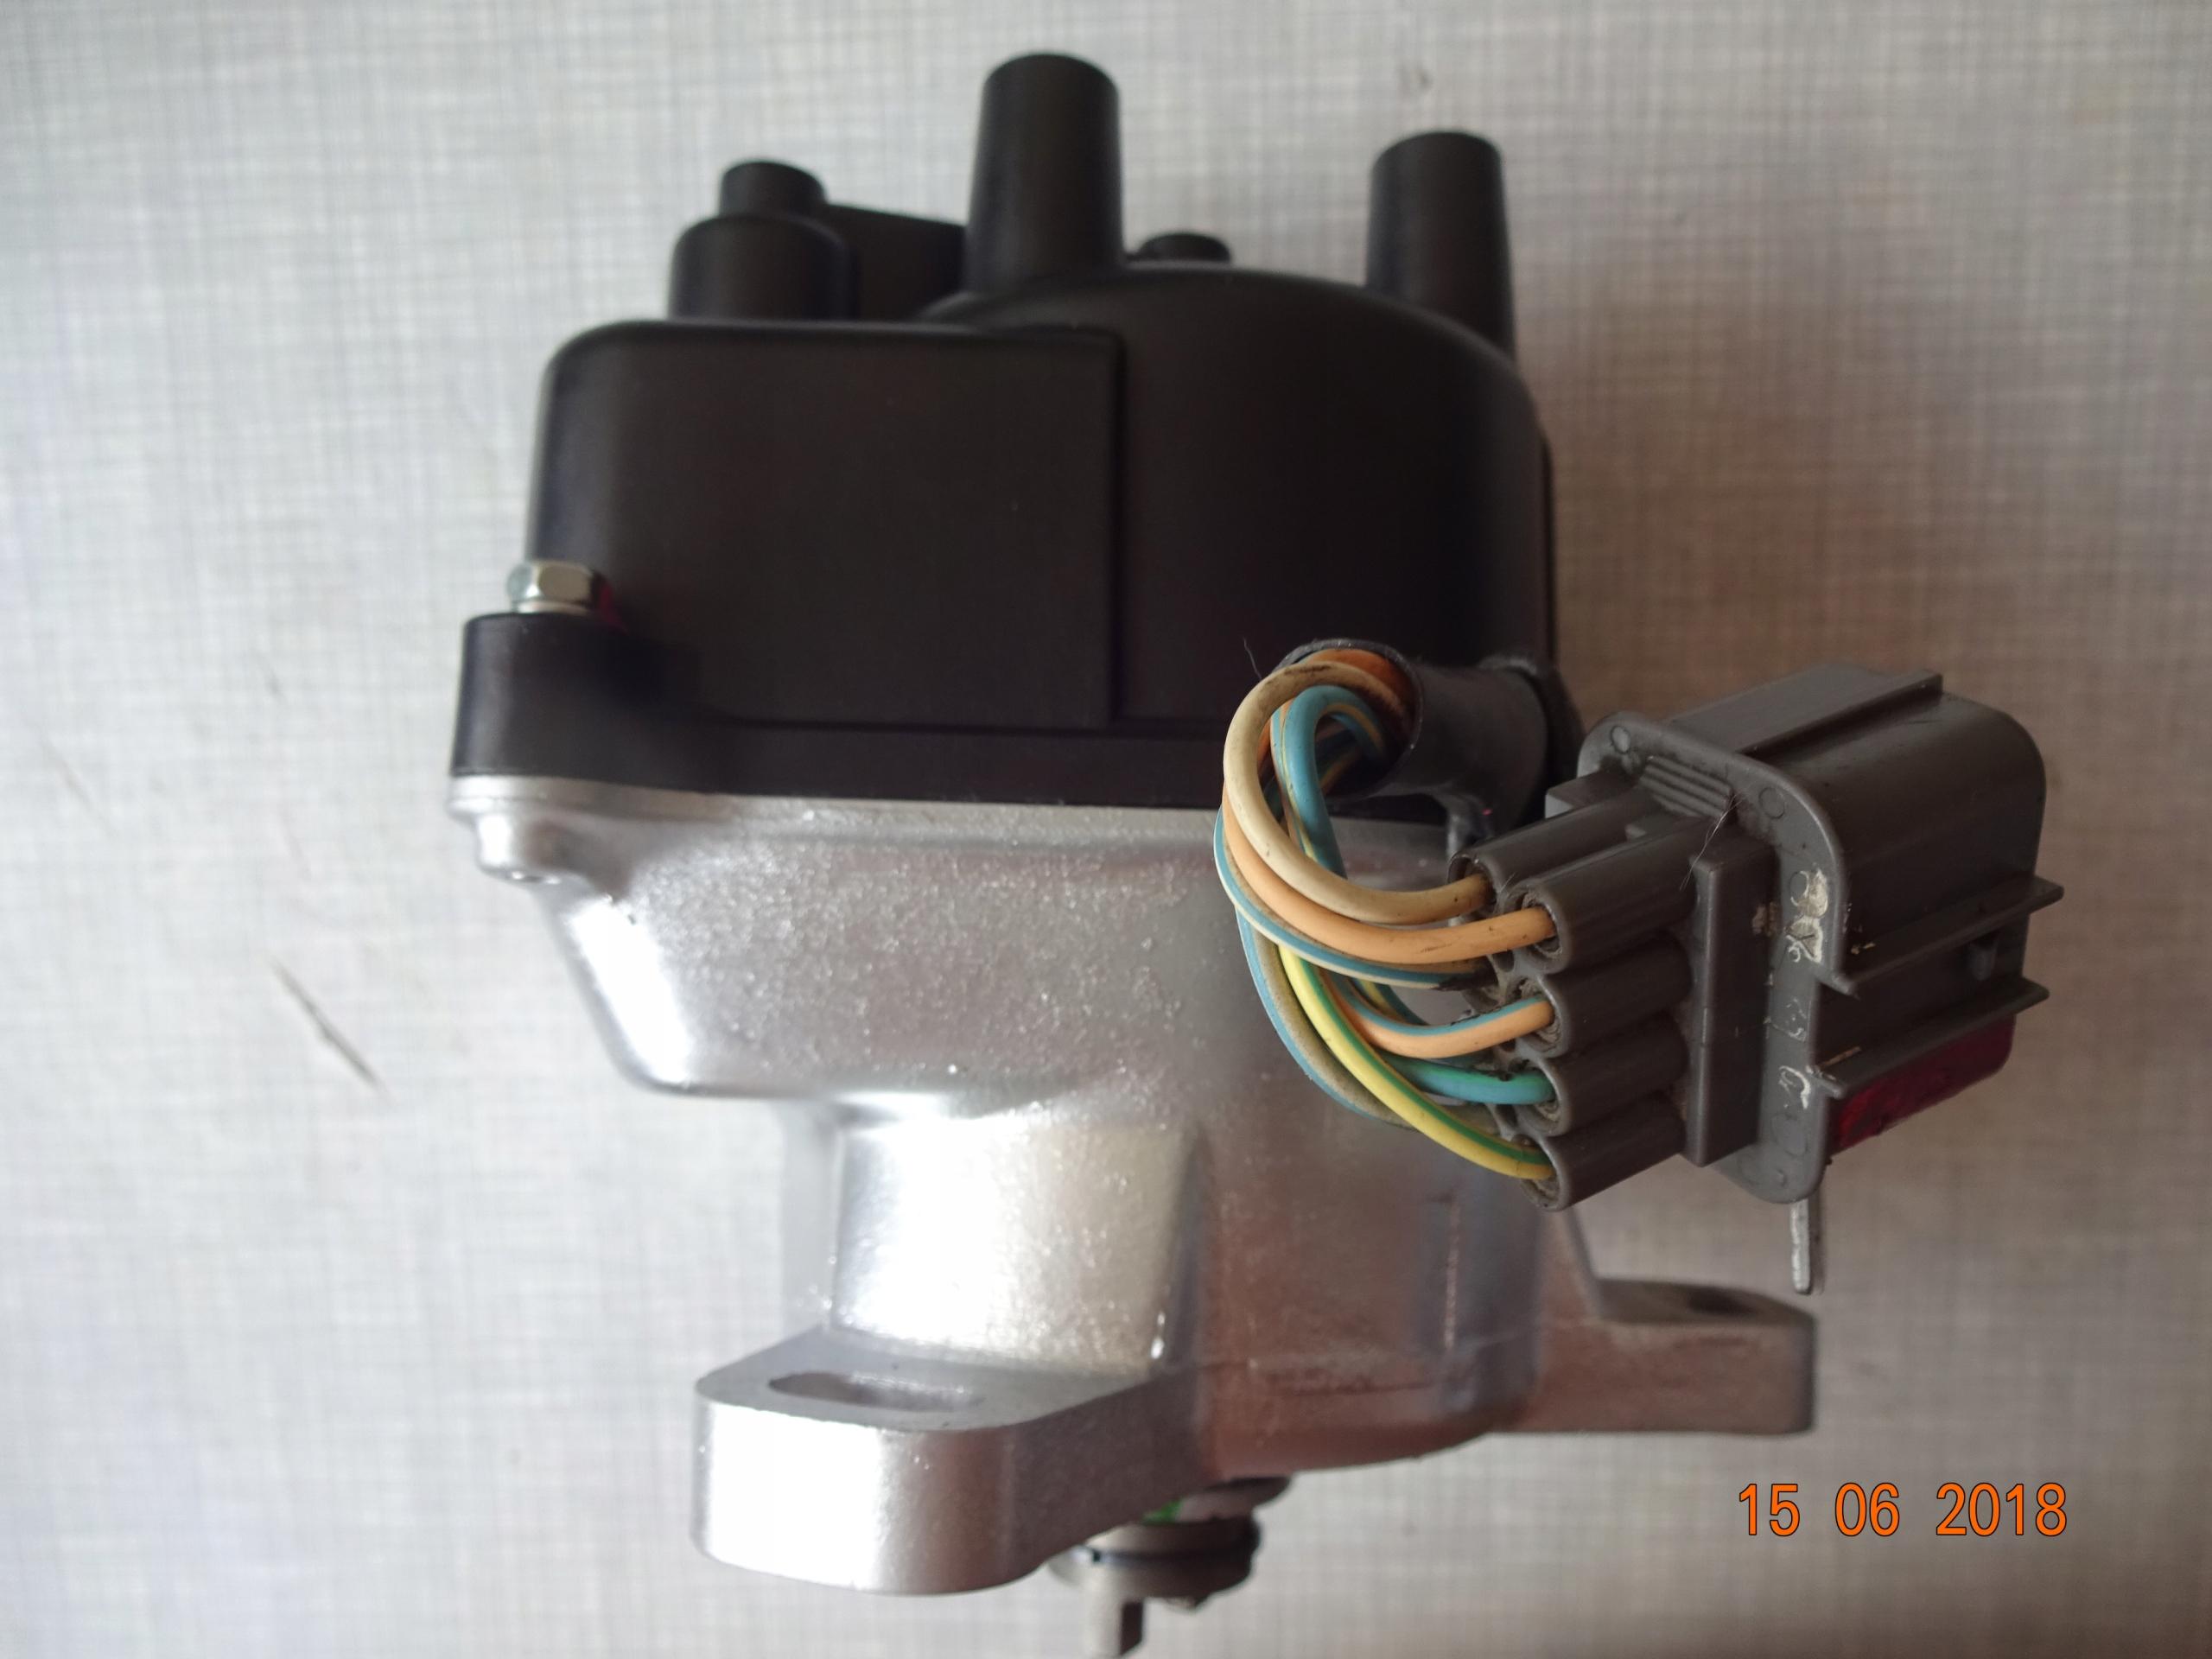 камера зажигания honda hrv 16 3 года гарантирует f-vat